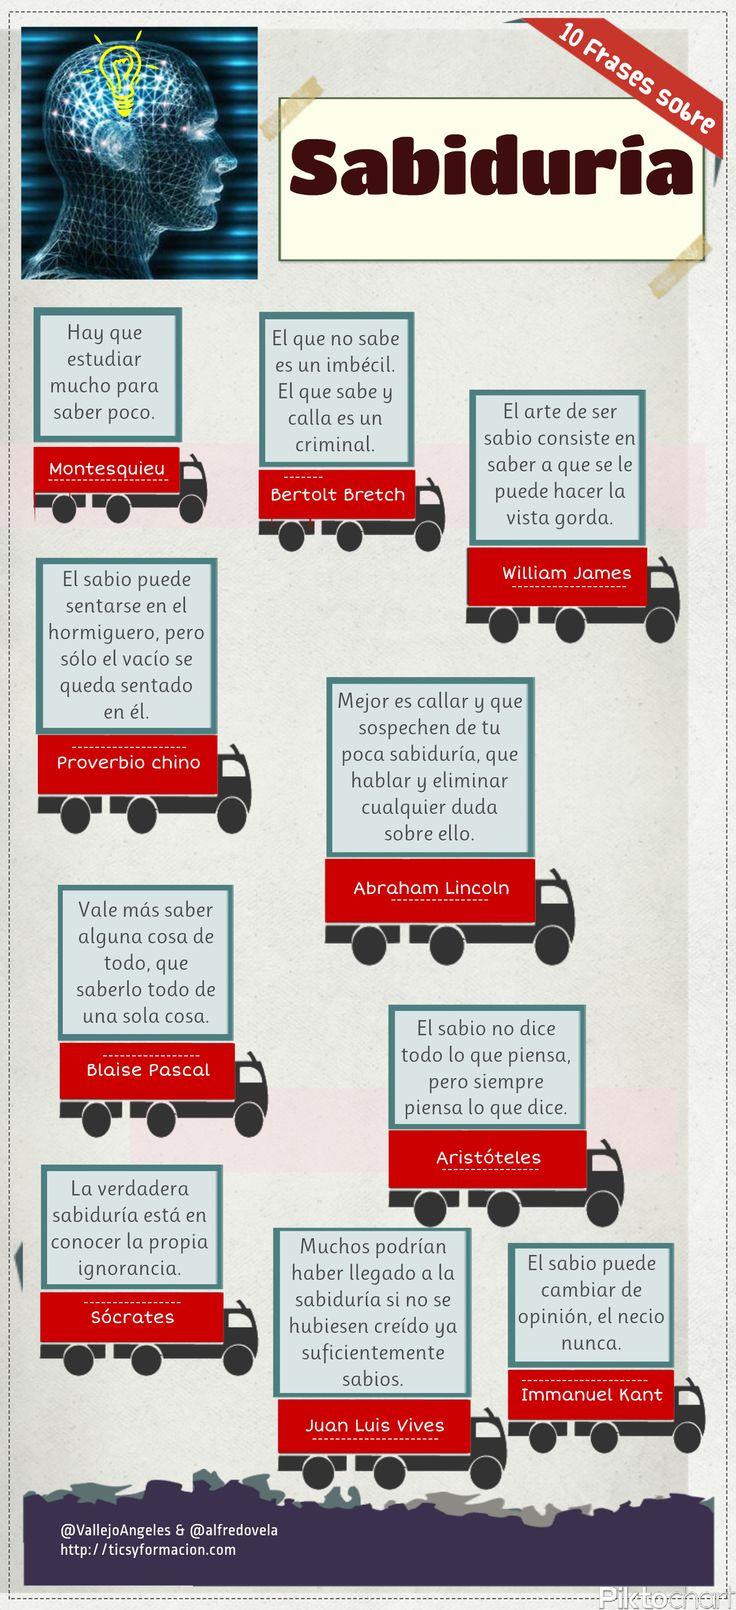 10 frases célebres sobre sabiduría #infografia #infographic #citas #quotes